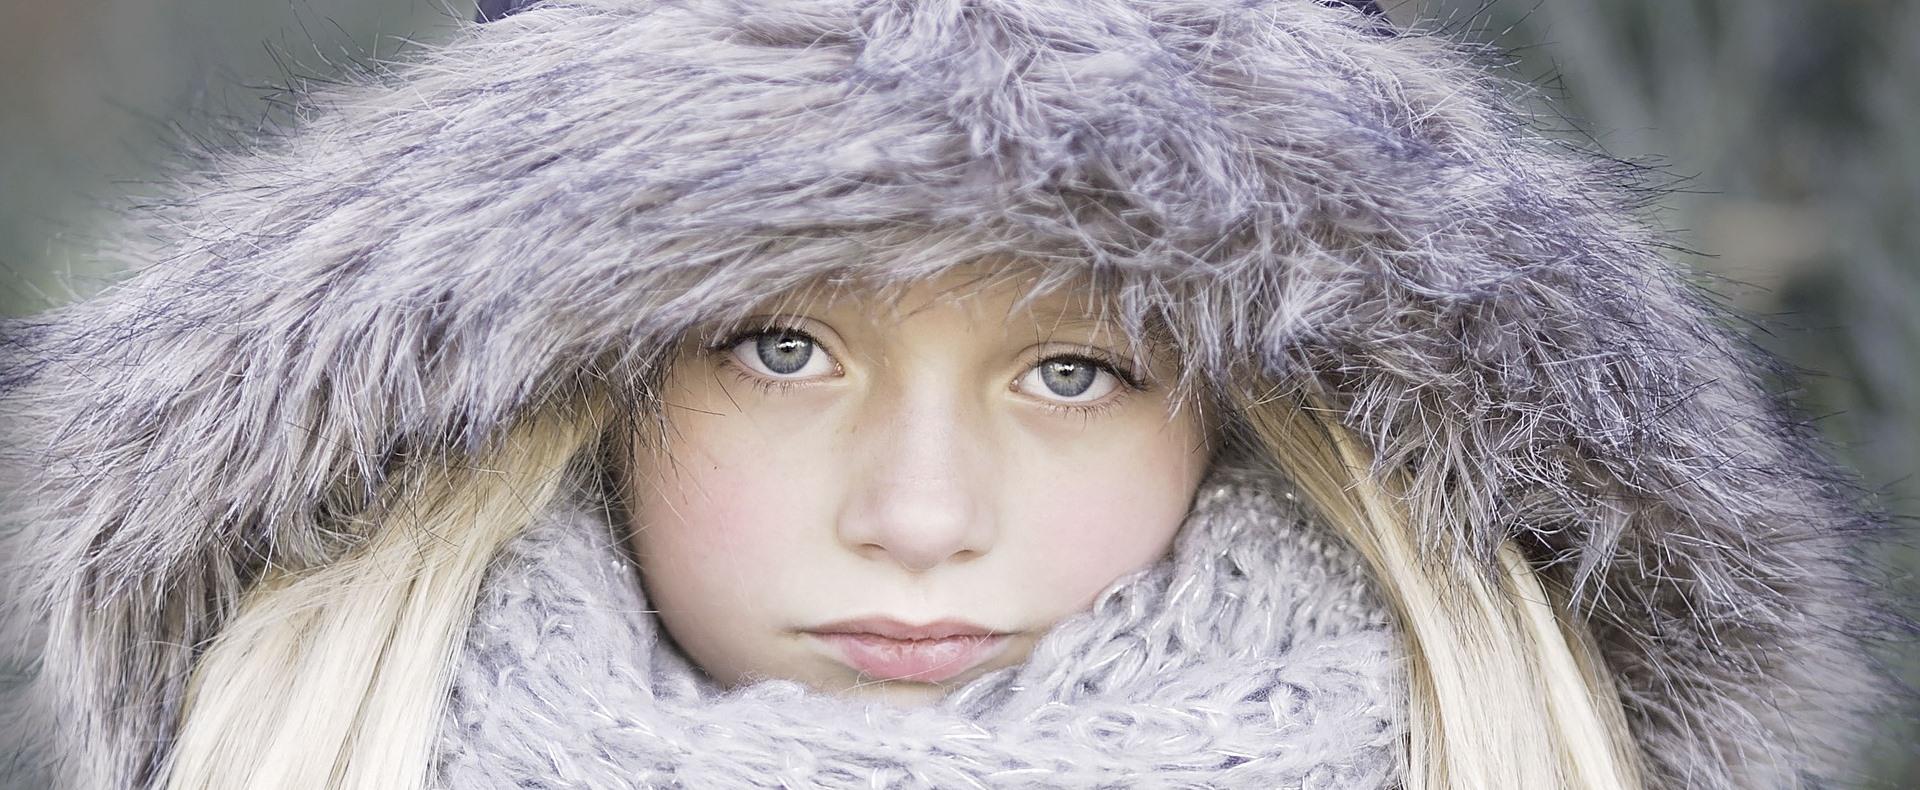 Kabátban tanulnak a diákok a hideg miatt